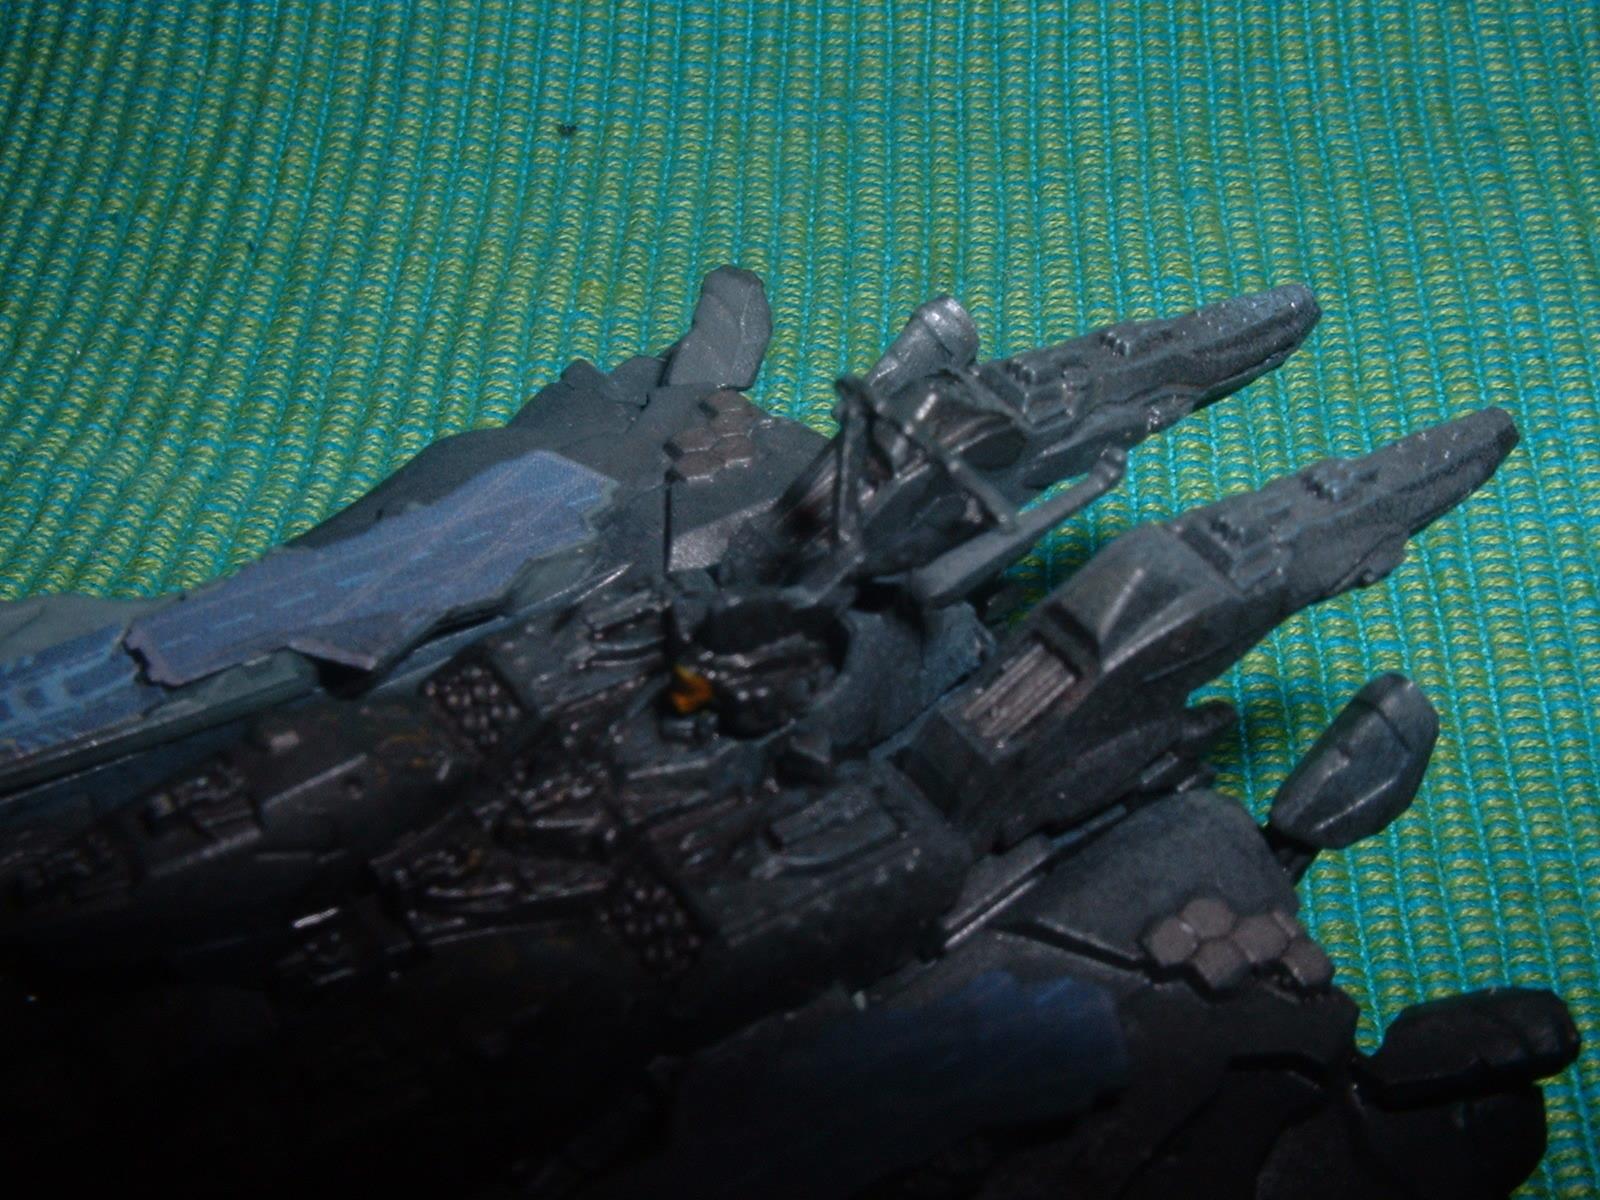 2016年10月24日完成バンダイ メカコレ「マクロス・エリシオン・要塞型」その8.JPG